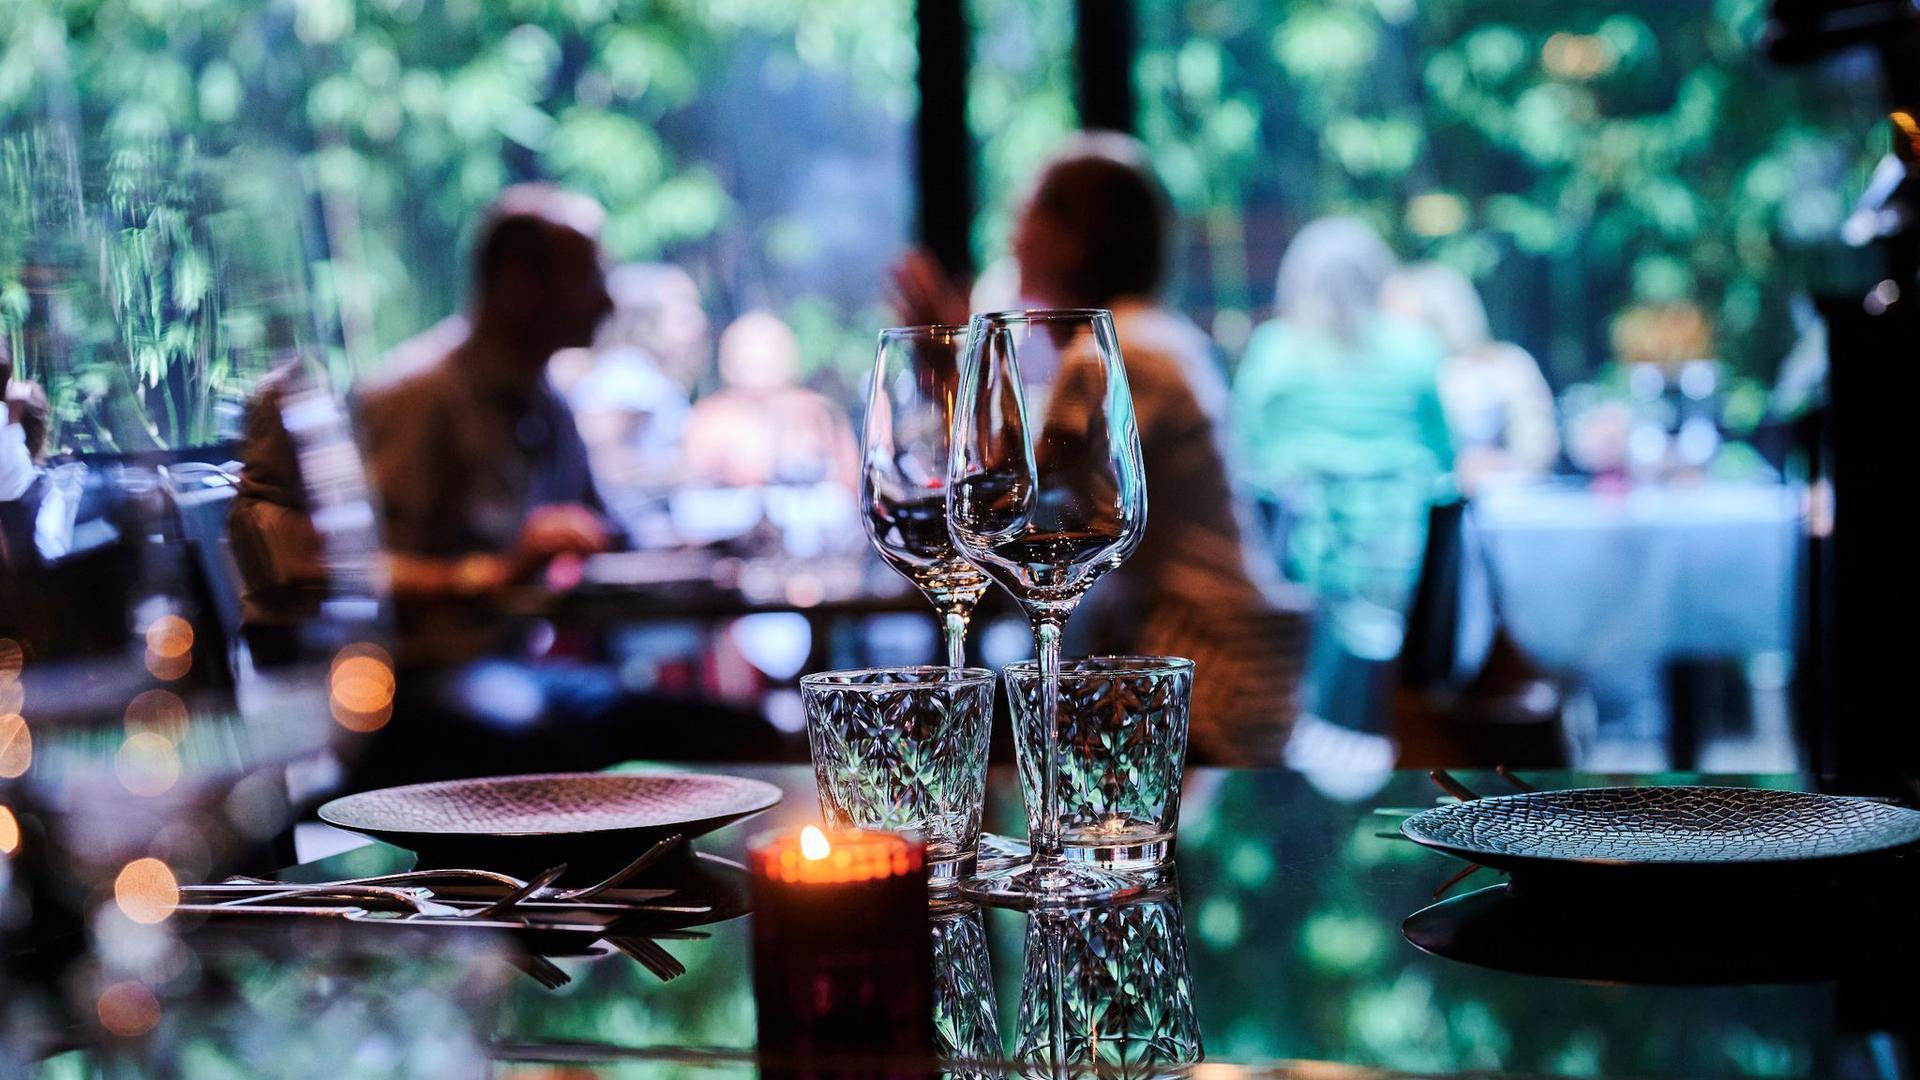 Gäste sitzen im Außenbereich eines Restaurants.